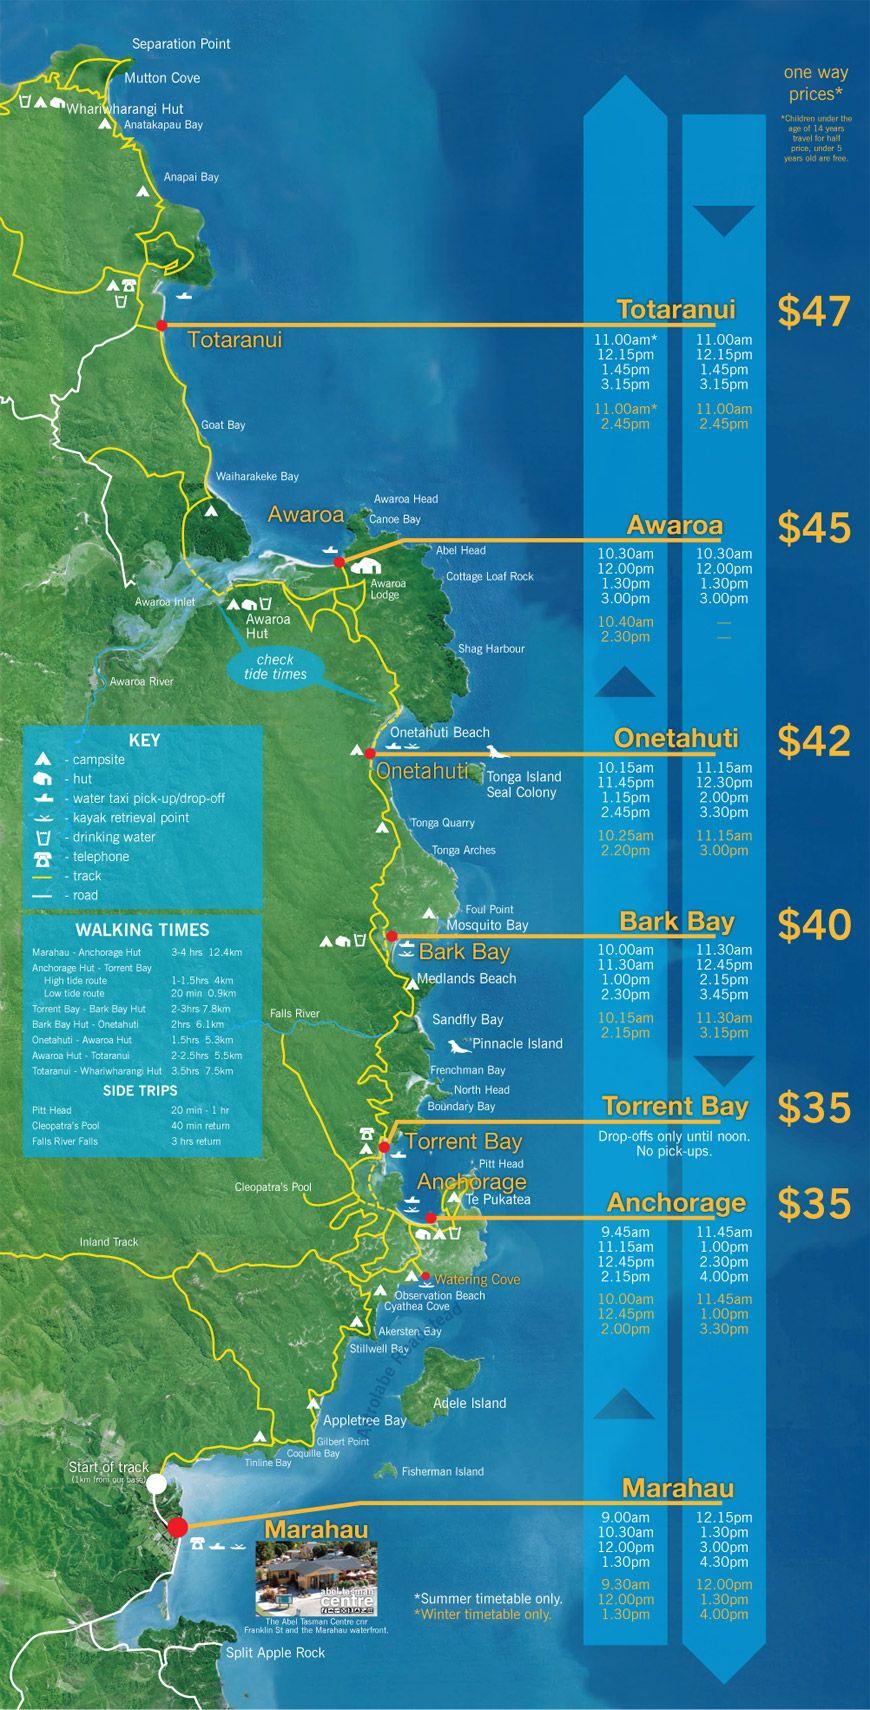 Marahau Water Taxi Map Route | Abel tasman, Tasman, Trip